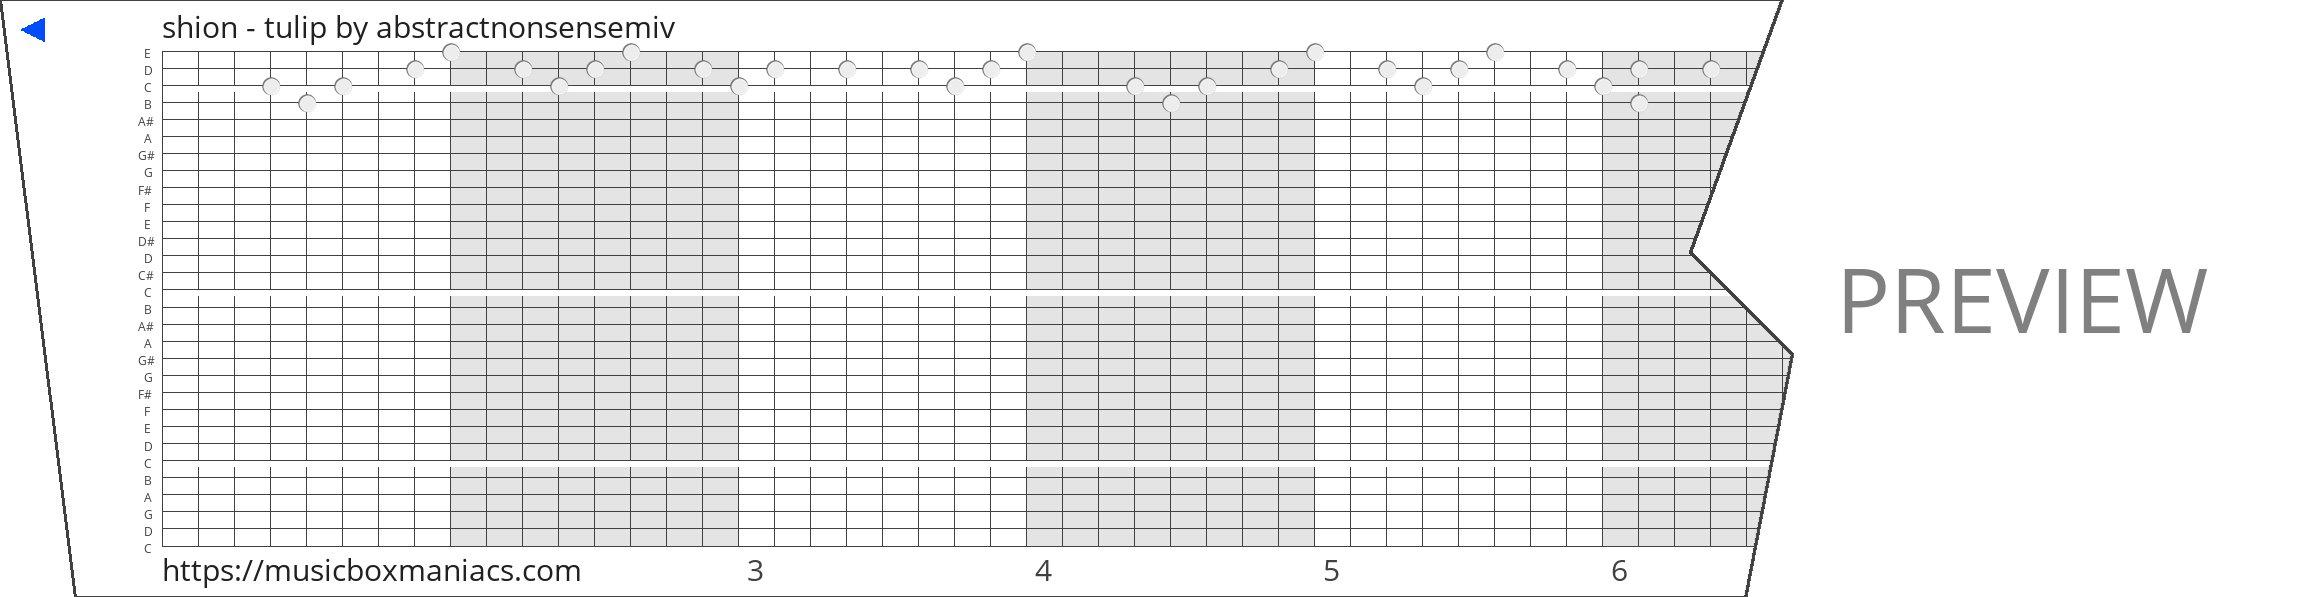 shion - tulip 30 note music box paper strip